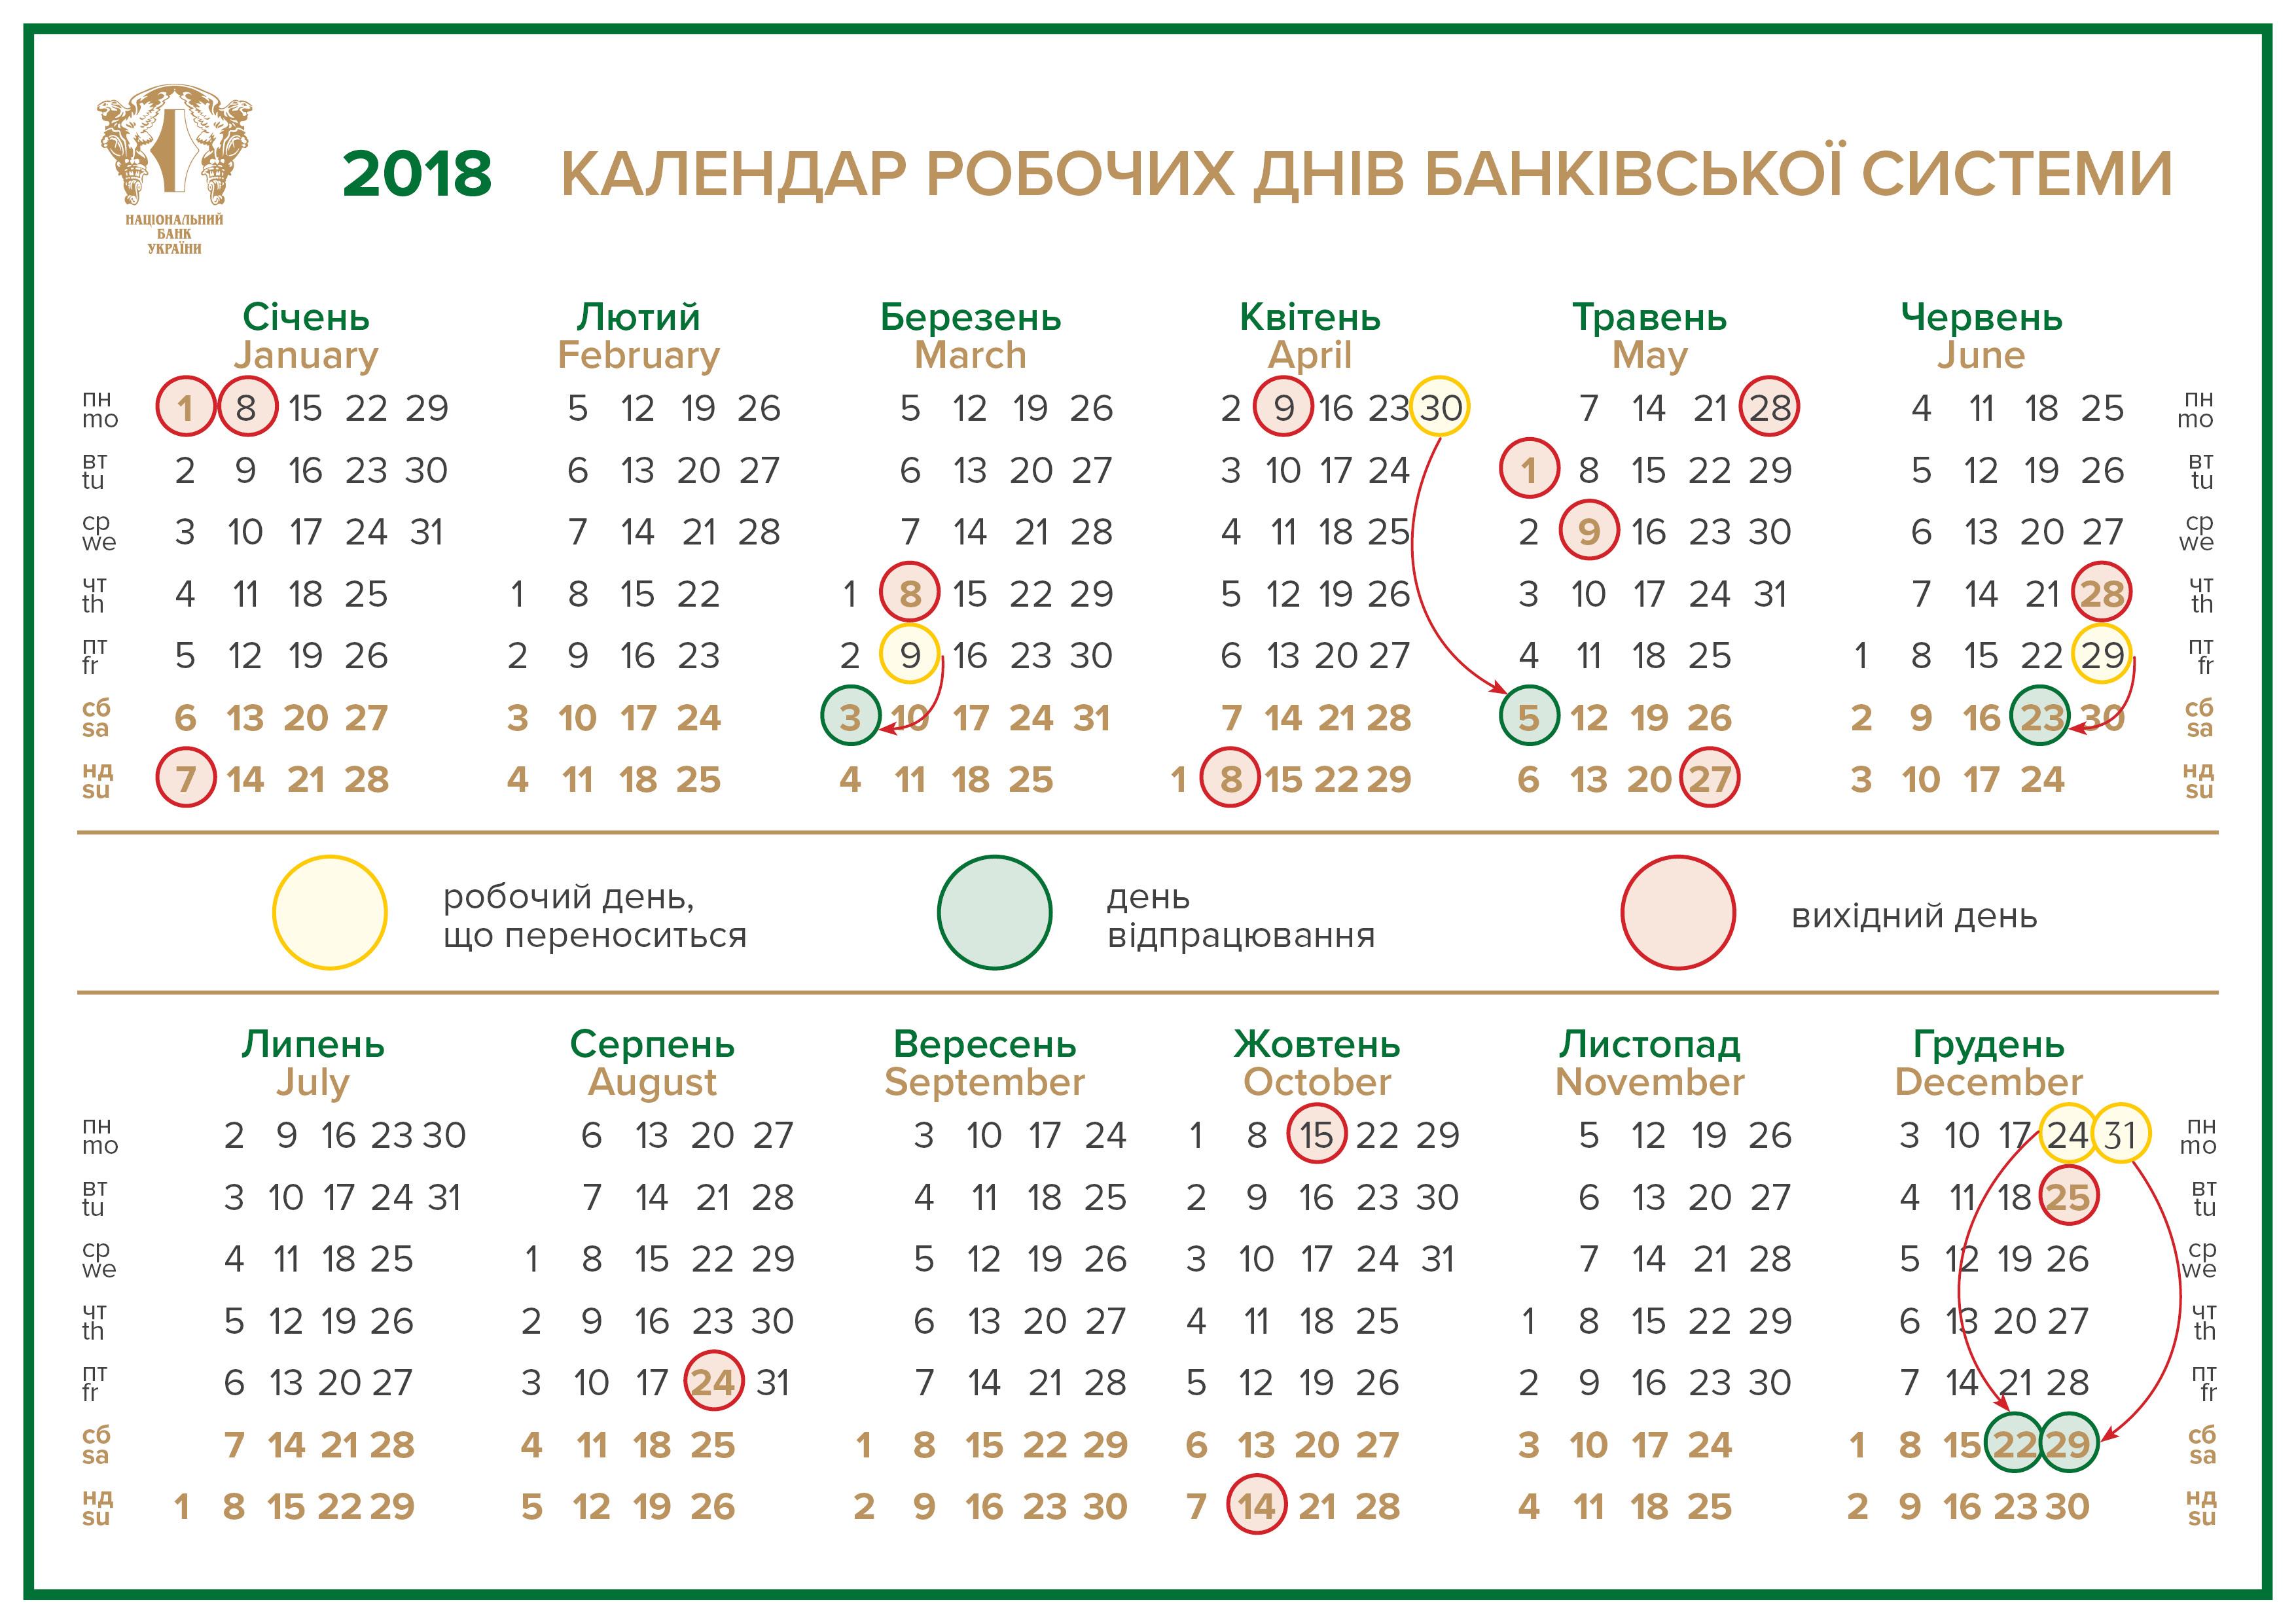 Как работает ощадбанк на праздники 2018 в украине